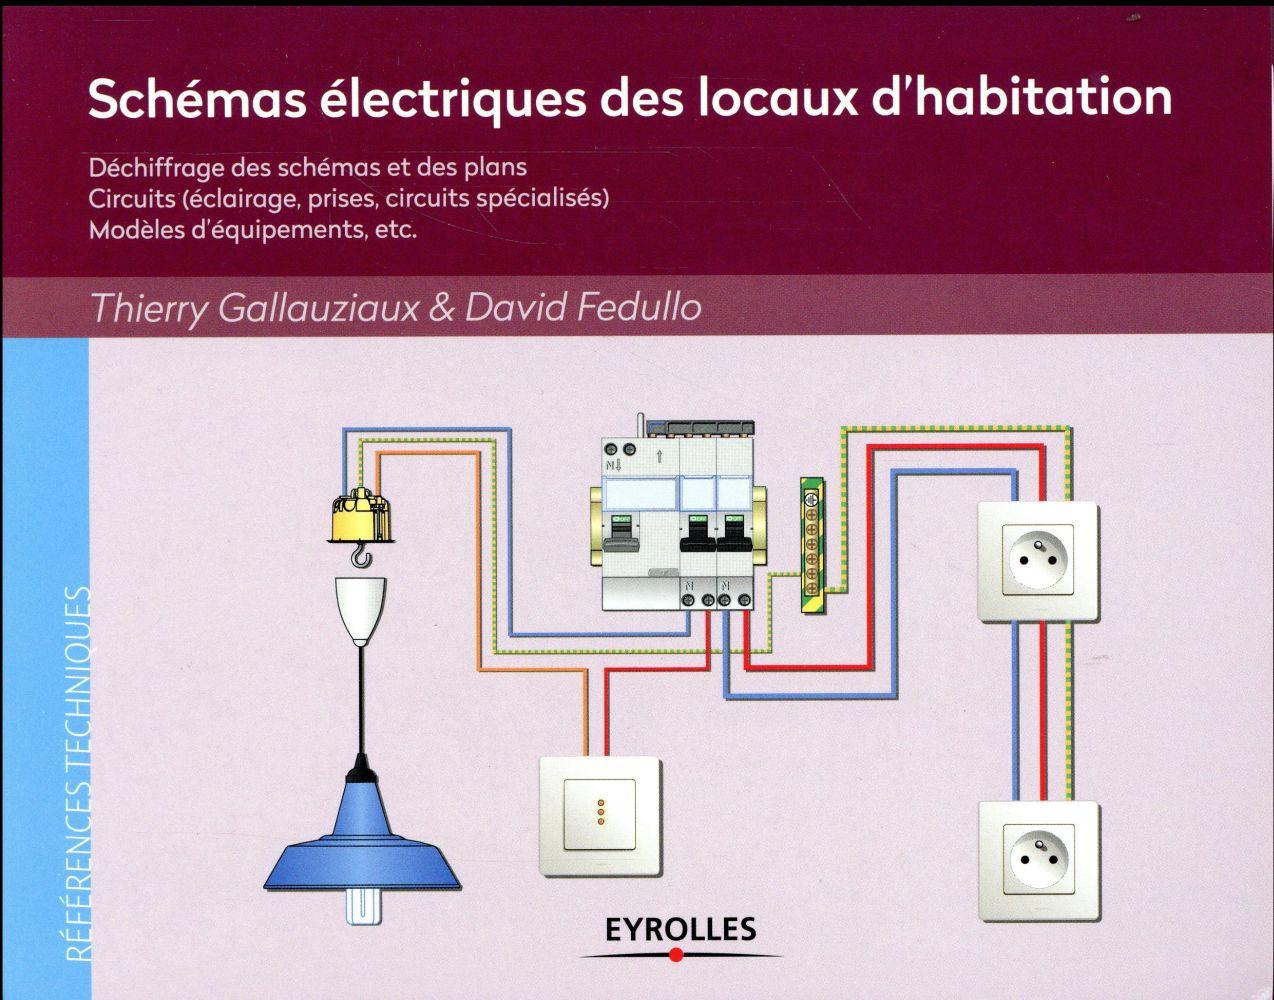 SCHEMAS ELECTRIQUES DES LOCAUX D HABITATION